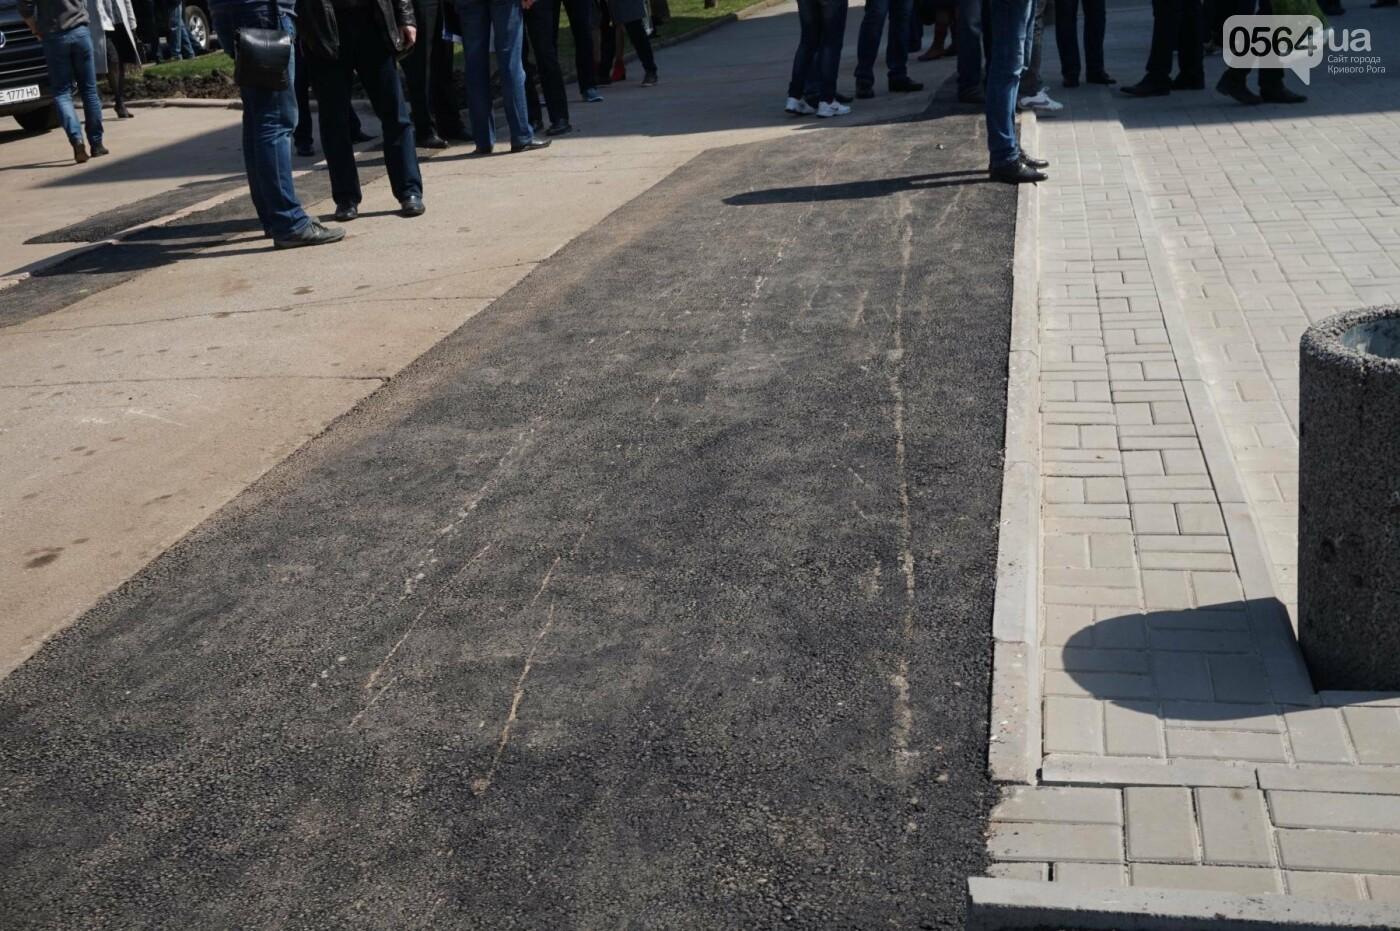 Криворожская правозащитница потребовала отремонтировать остановку так же быстро, как и дорожки перед райисполкомом (ФОТО), фото-12